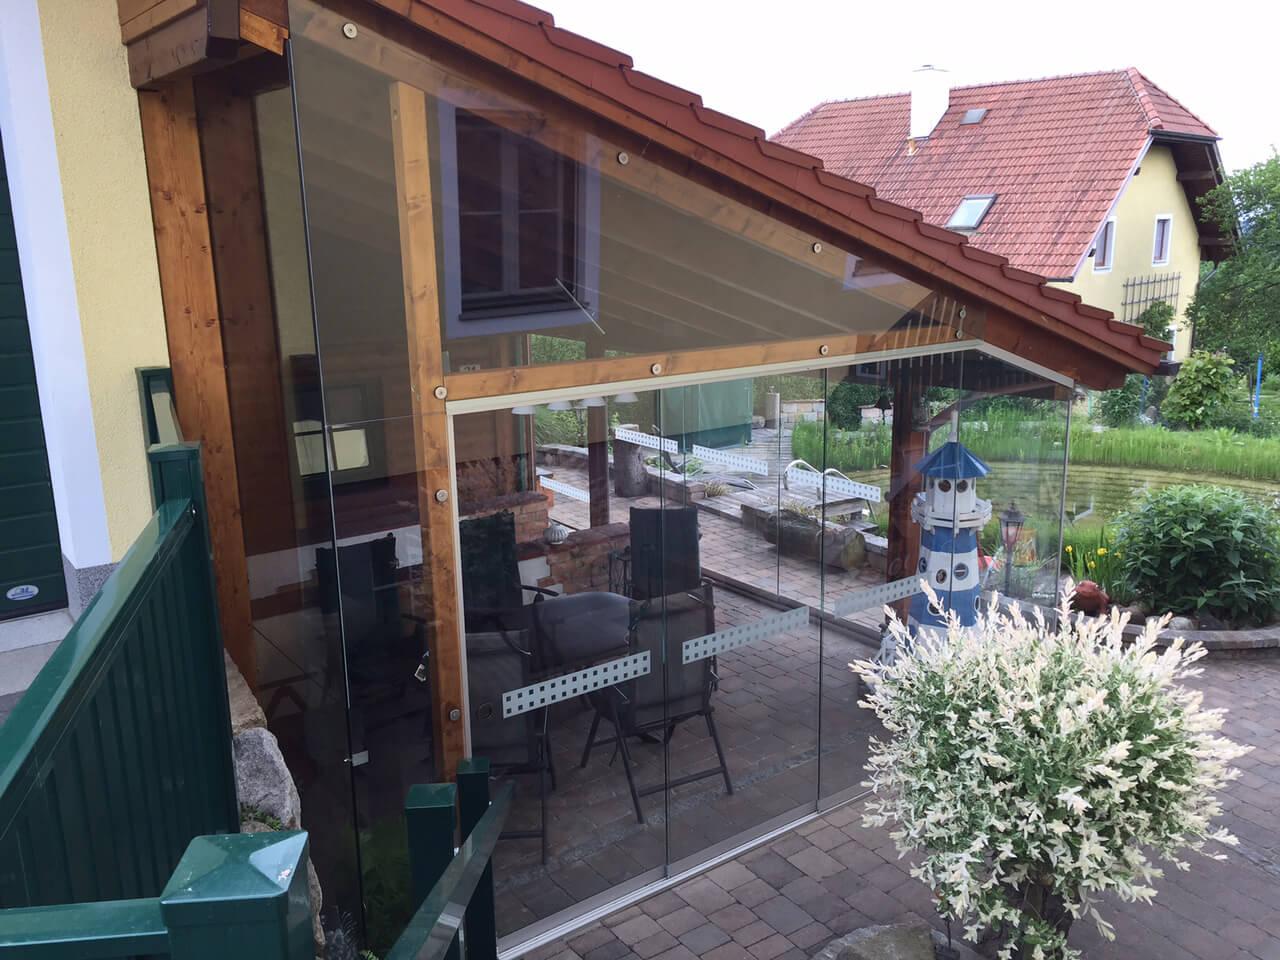 Holzkonstruktion mit Glas schließen